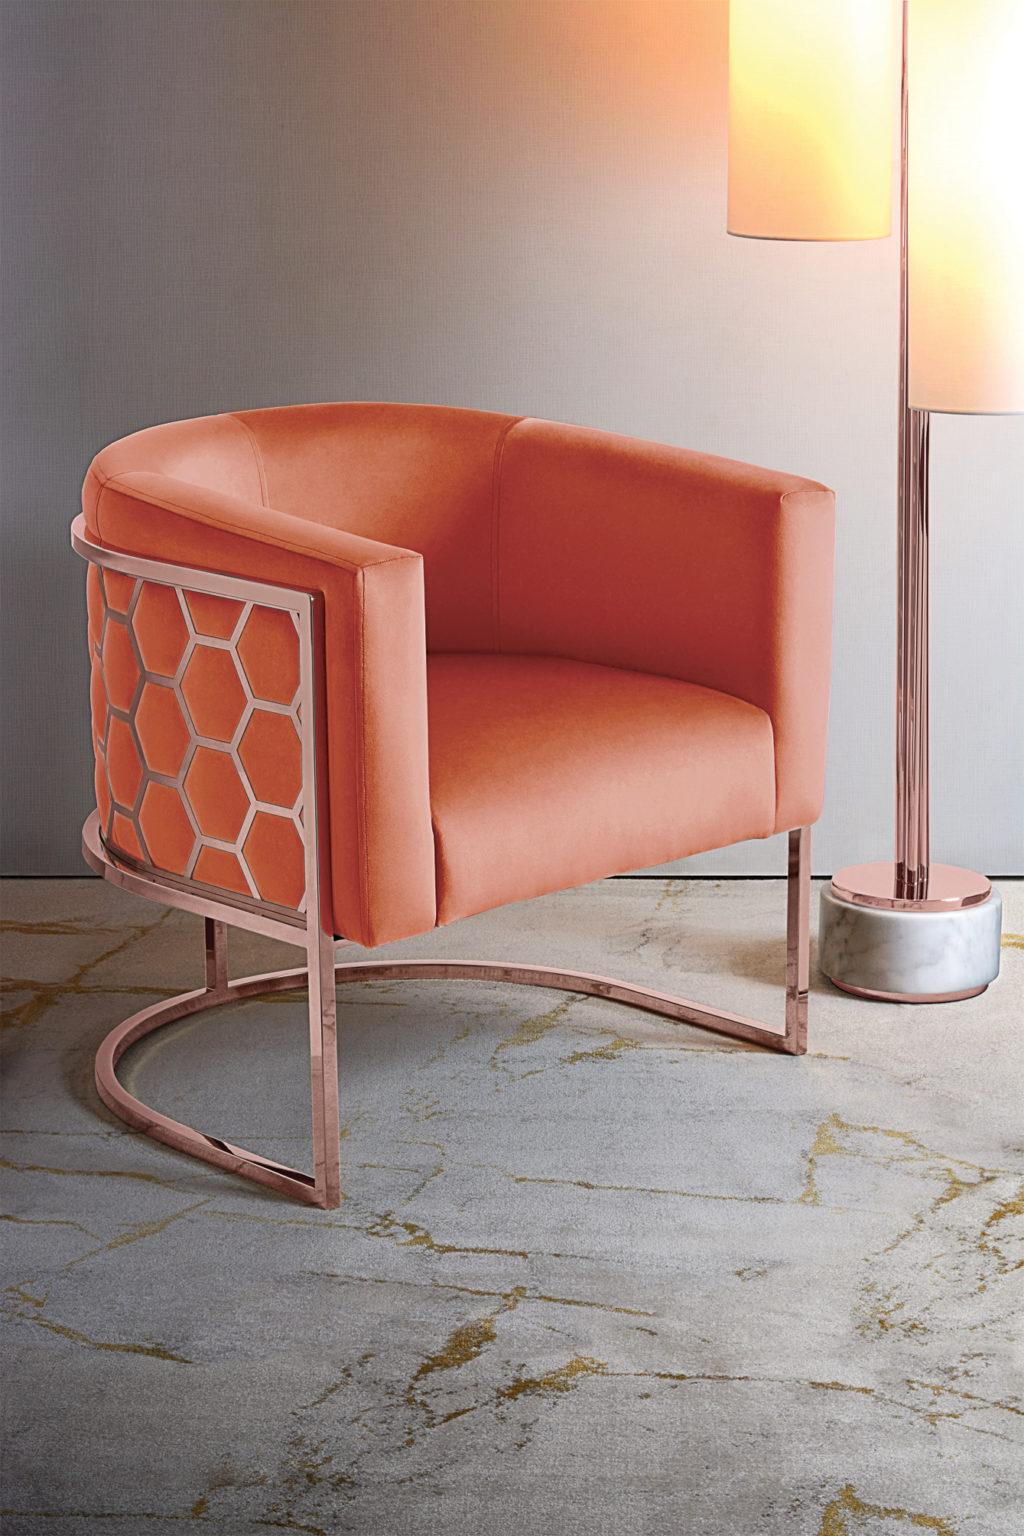 alveare-tub-chair-copper-orange